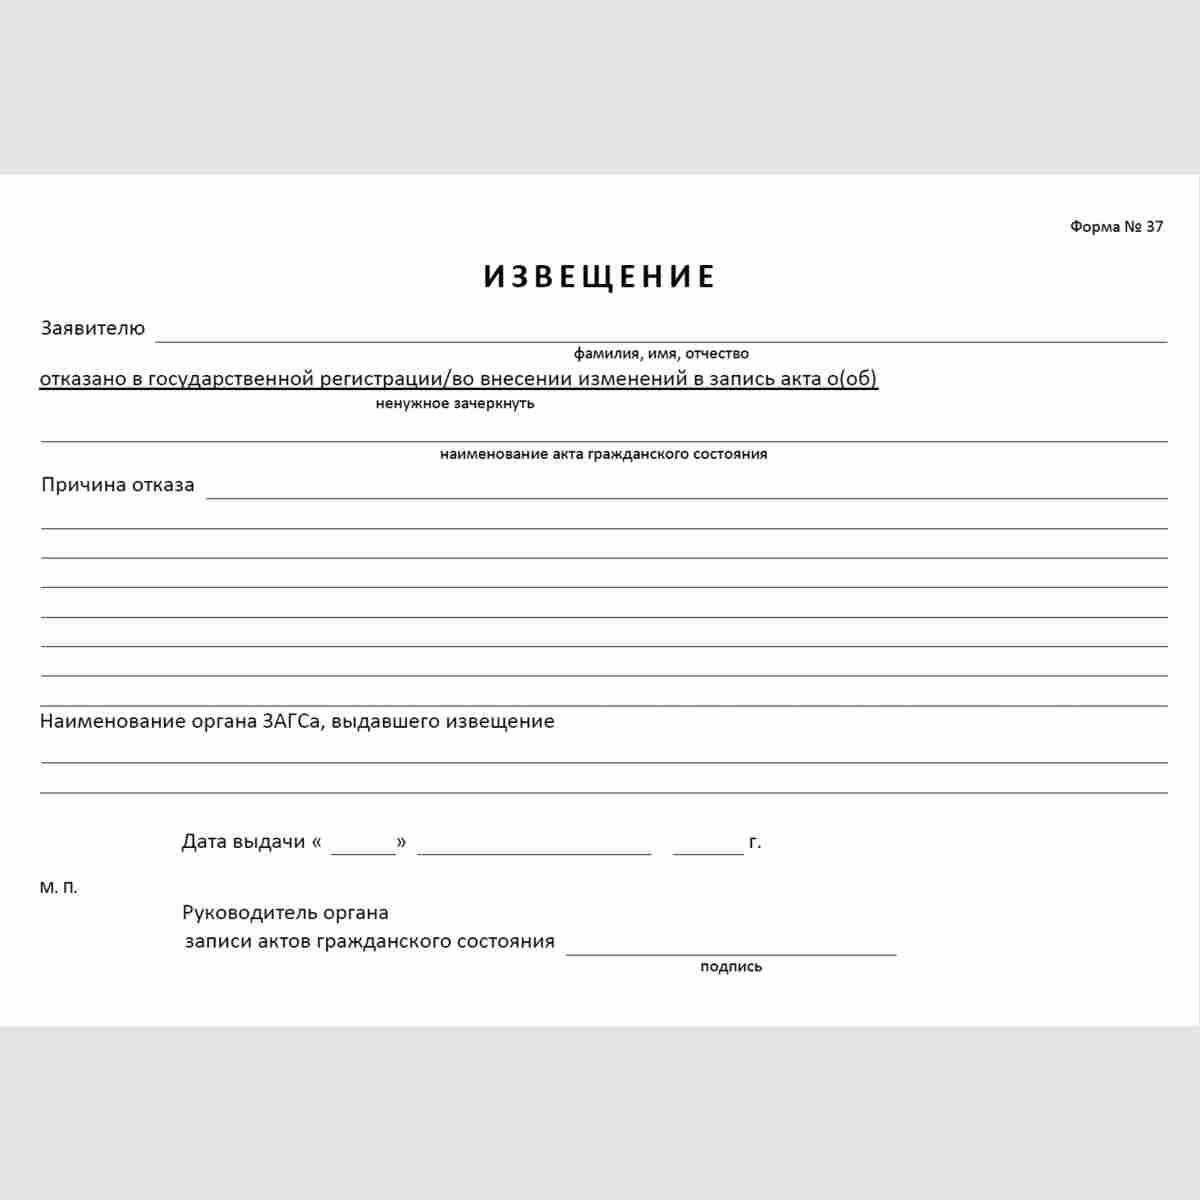 """Форма №37 """"Извещение об отказе в государственной регистрации акта гражданского состояния/внесении изменений в запись акта"""""""